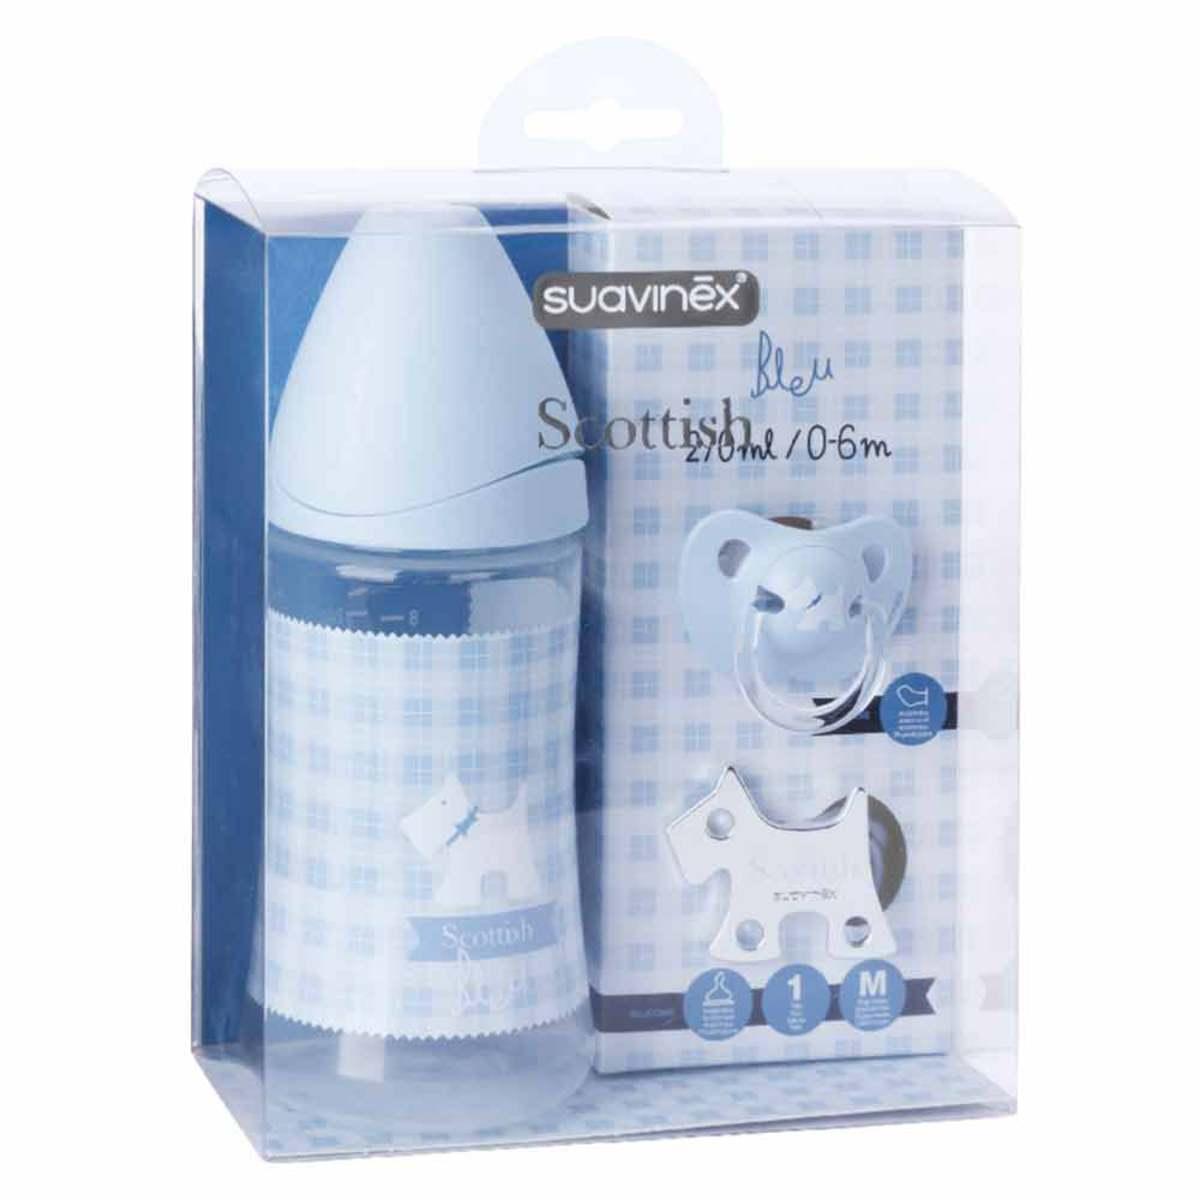 Biberon Pack Scottish Bleu - 270 ml Pack Scottish Bleu - 270 ml